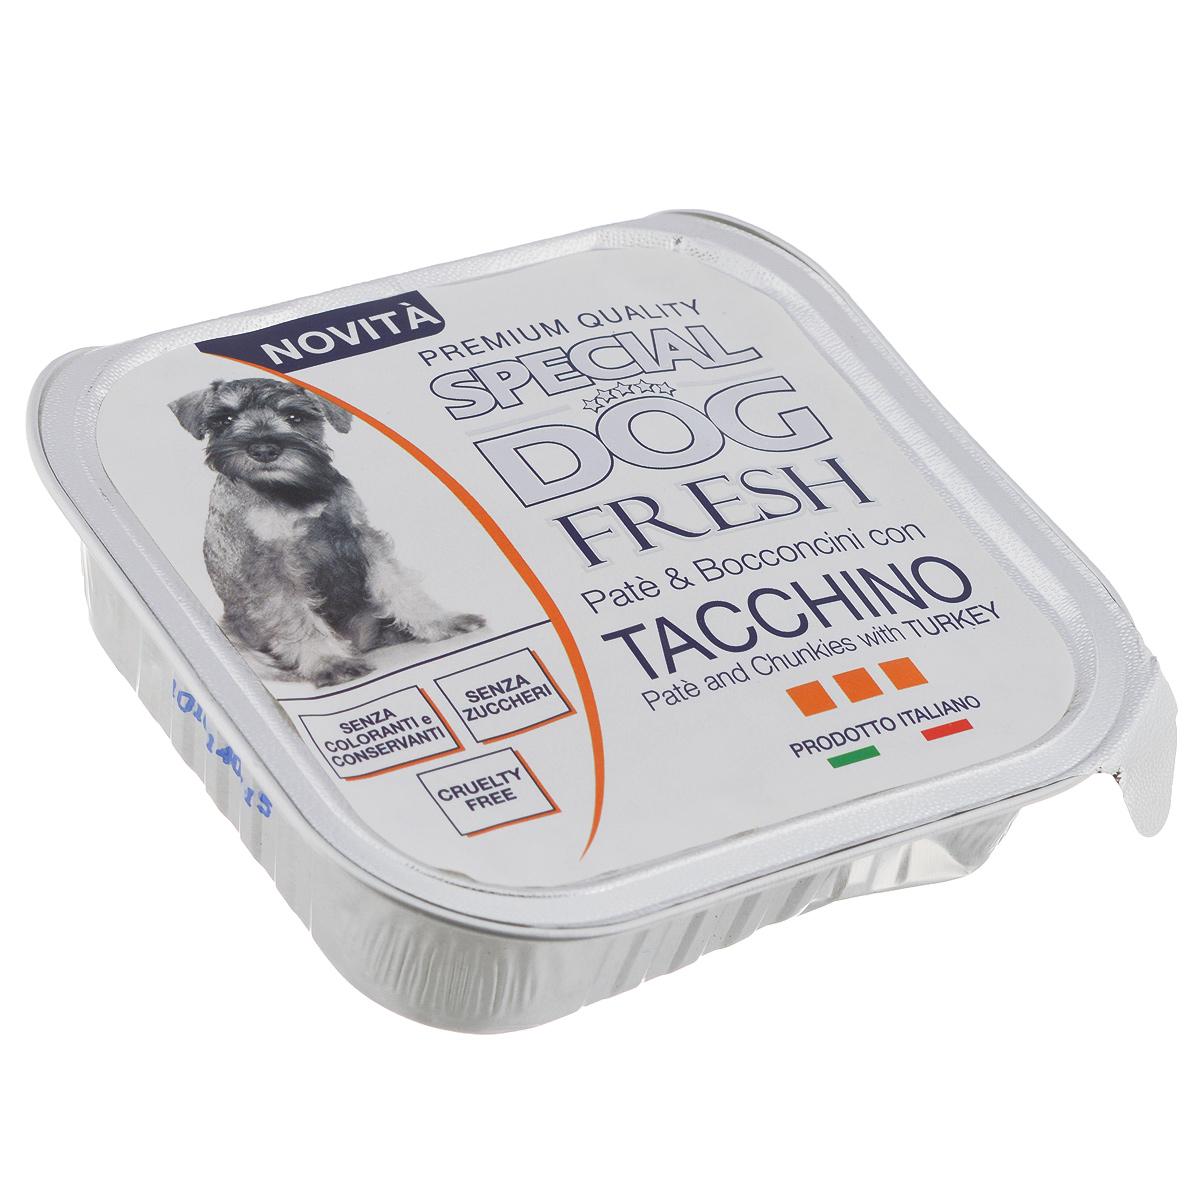 Консервы для собак Monge Special Dog Fresh, с индейкой, 150 г70008655Консервы для собак Monge Special Dog Fresh - это полноценный сбалансированный корм для собак. Паштет из индейки. Состав: свежее мясо 80% (мин. 10% мяса индейки), минеральные вещества, витамины. Технологические добавки: загустители и желирующие вещества. В данном продукте нет клейковины. Анализ компонентов: протеин 9%, жир 7%, сырая клетчатка 0,5%, сырая зола 1,2%, влажность 82%. Витамины и добавки на 1 кг: витамин А 2500 МЕ, витамин D3 300 МЕ, витамин Е 7 мг. Товар сертифицирован.